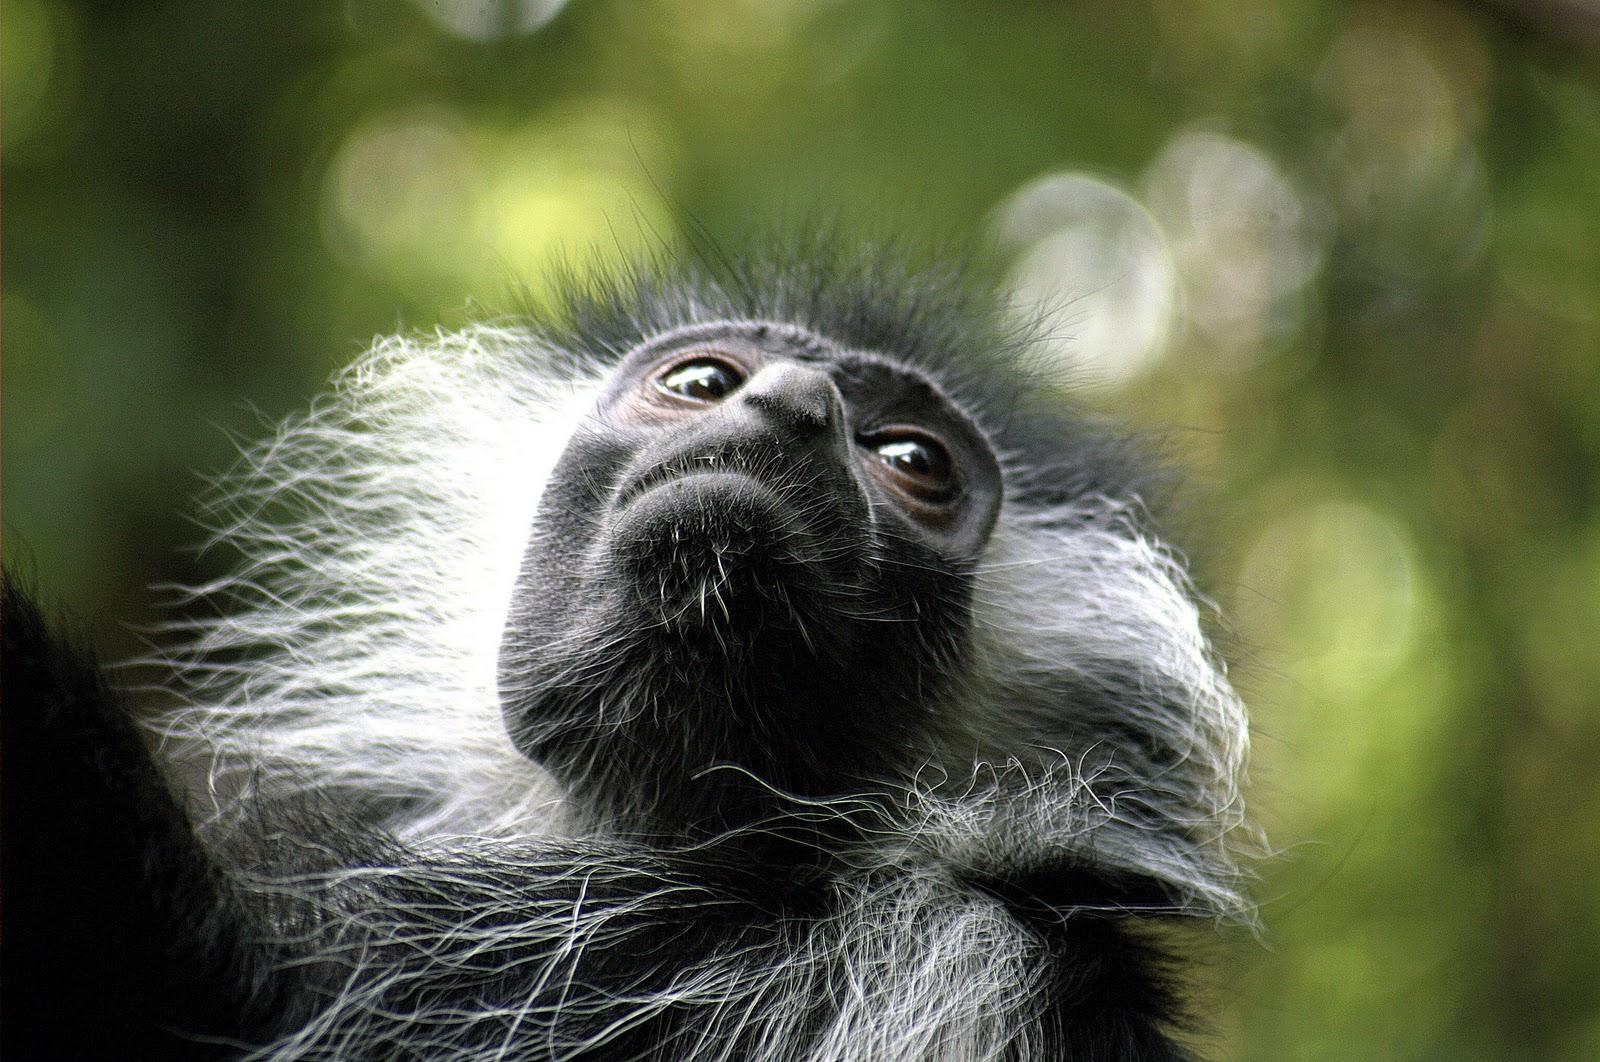 http://1.bp.blogspot.com/-DoLVqGg61ME/TqwHMXJoOXI/AAAAAAAADl8/p_41PPCXl_A/s1600/Monkey-beatiful-wallpaper.jpg